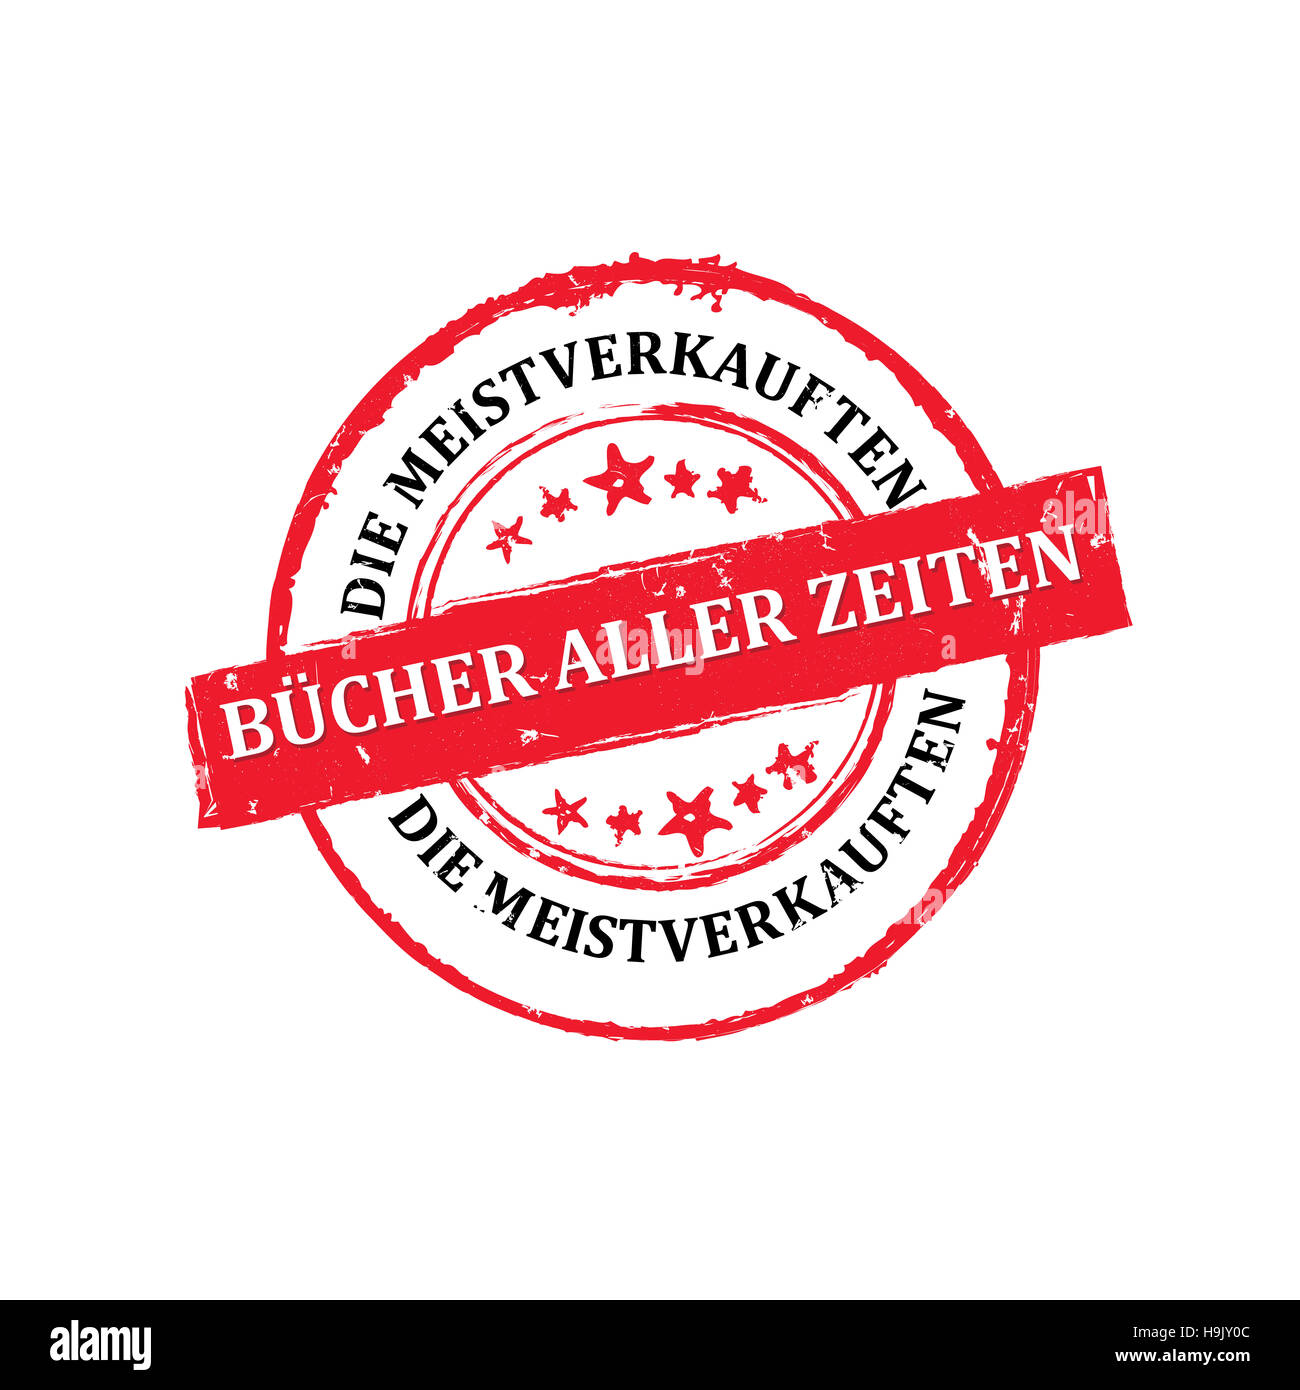 Meistverkauften Bücher aller Zeiten - Grunge Stempel Stock Photo